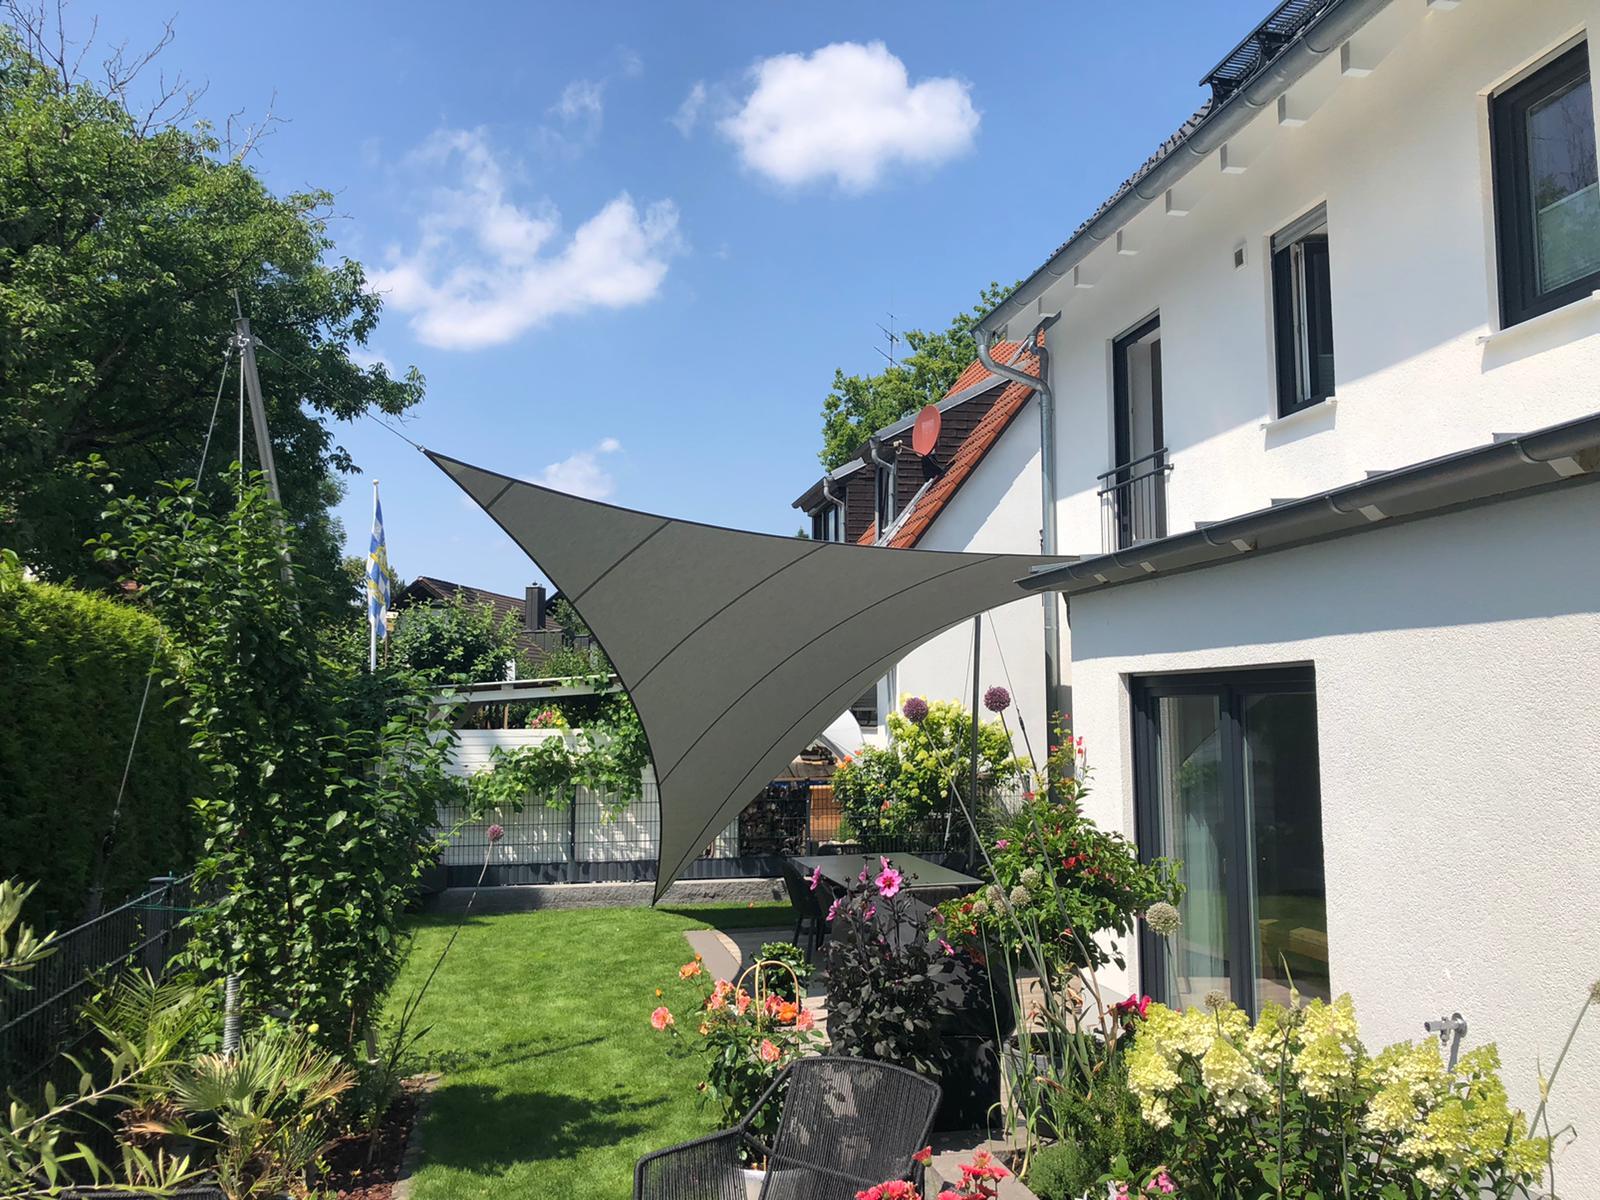 aerosun®180 4-Punkt Sonnensegel - wasserdicht & sturmsicher, flanell, 20 m² München